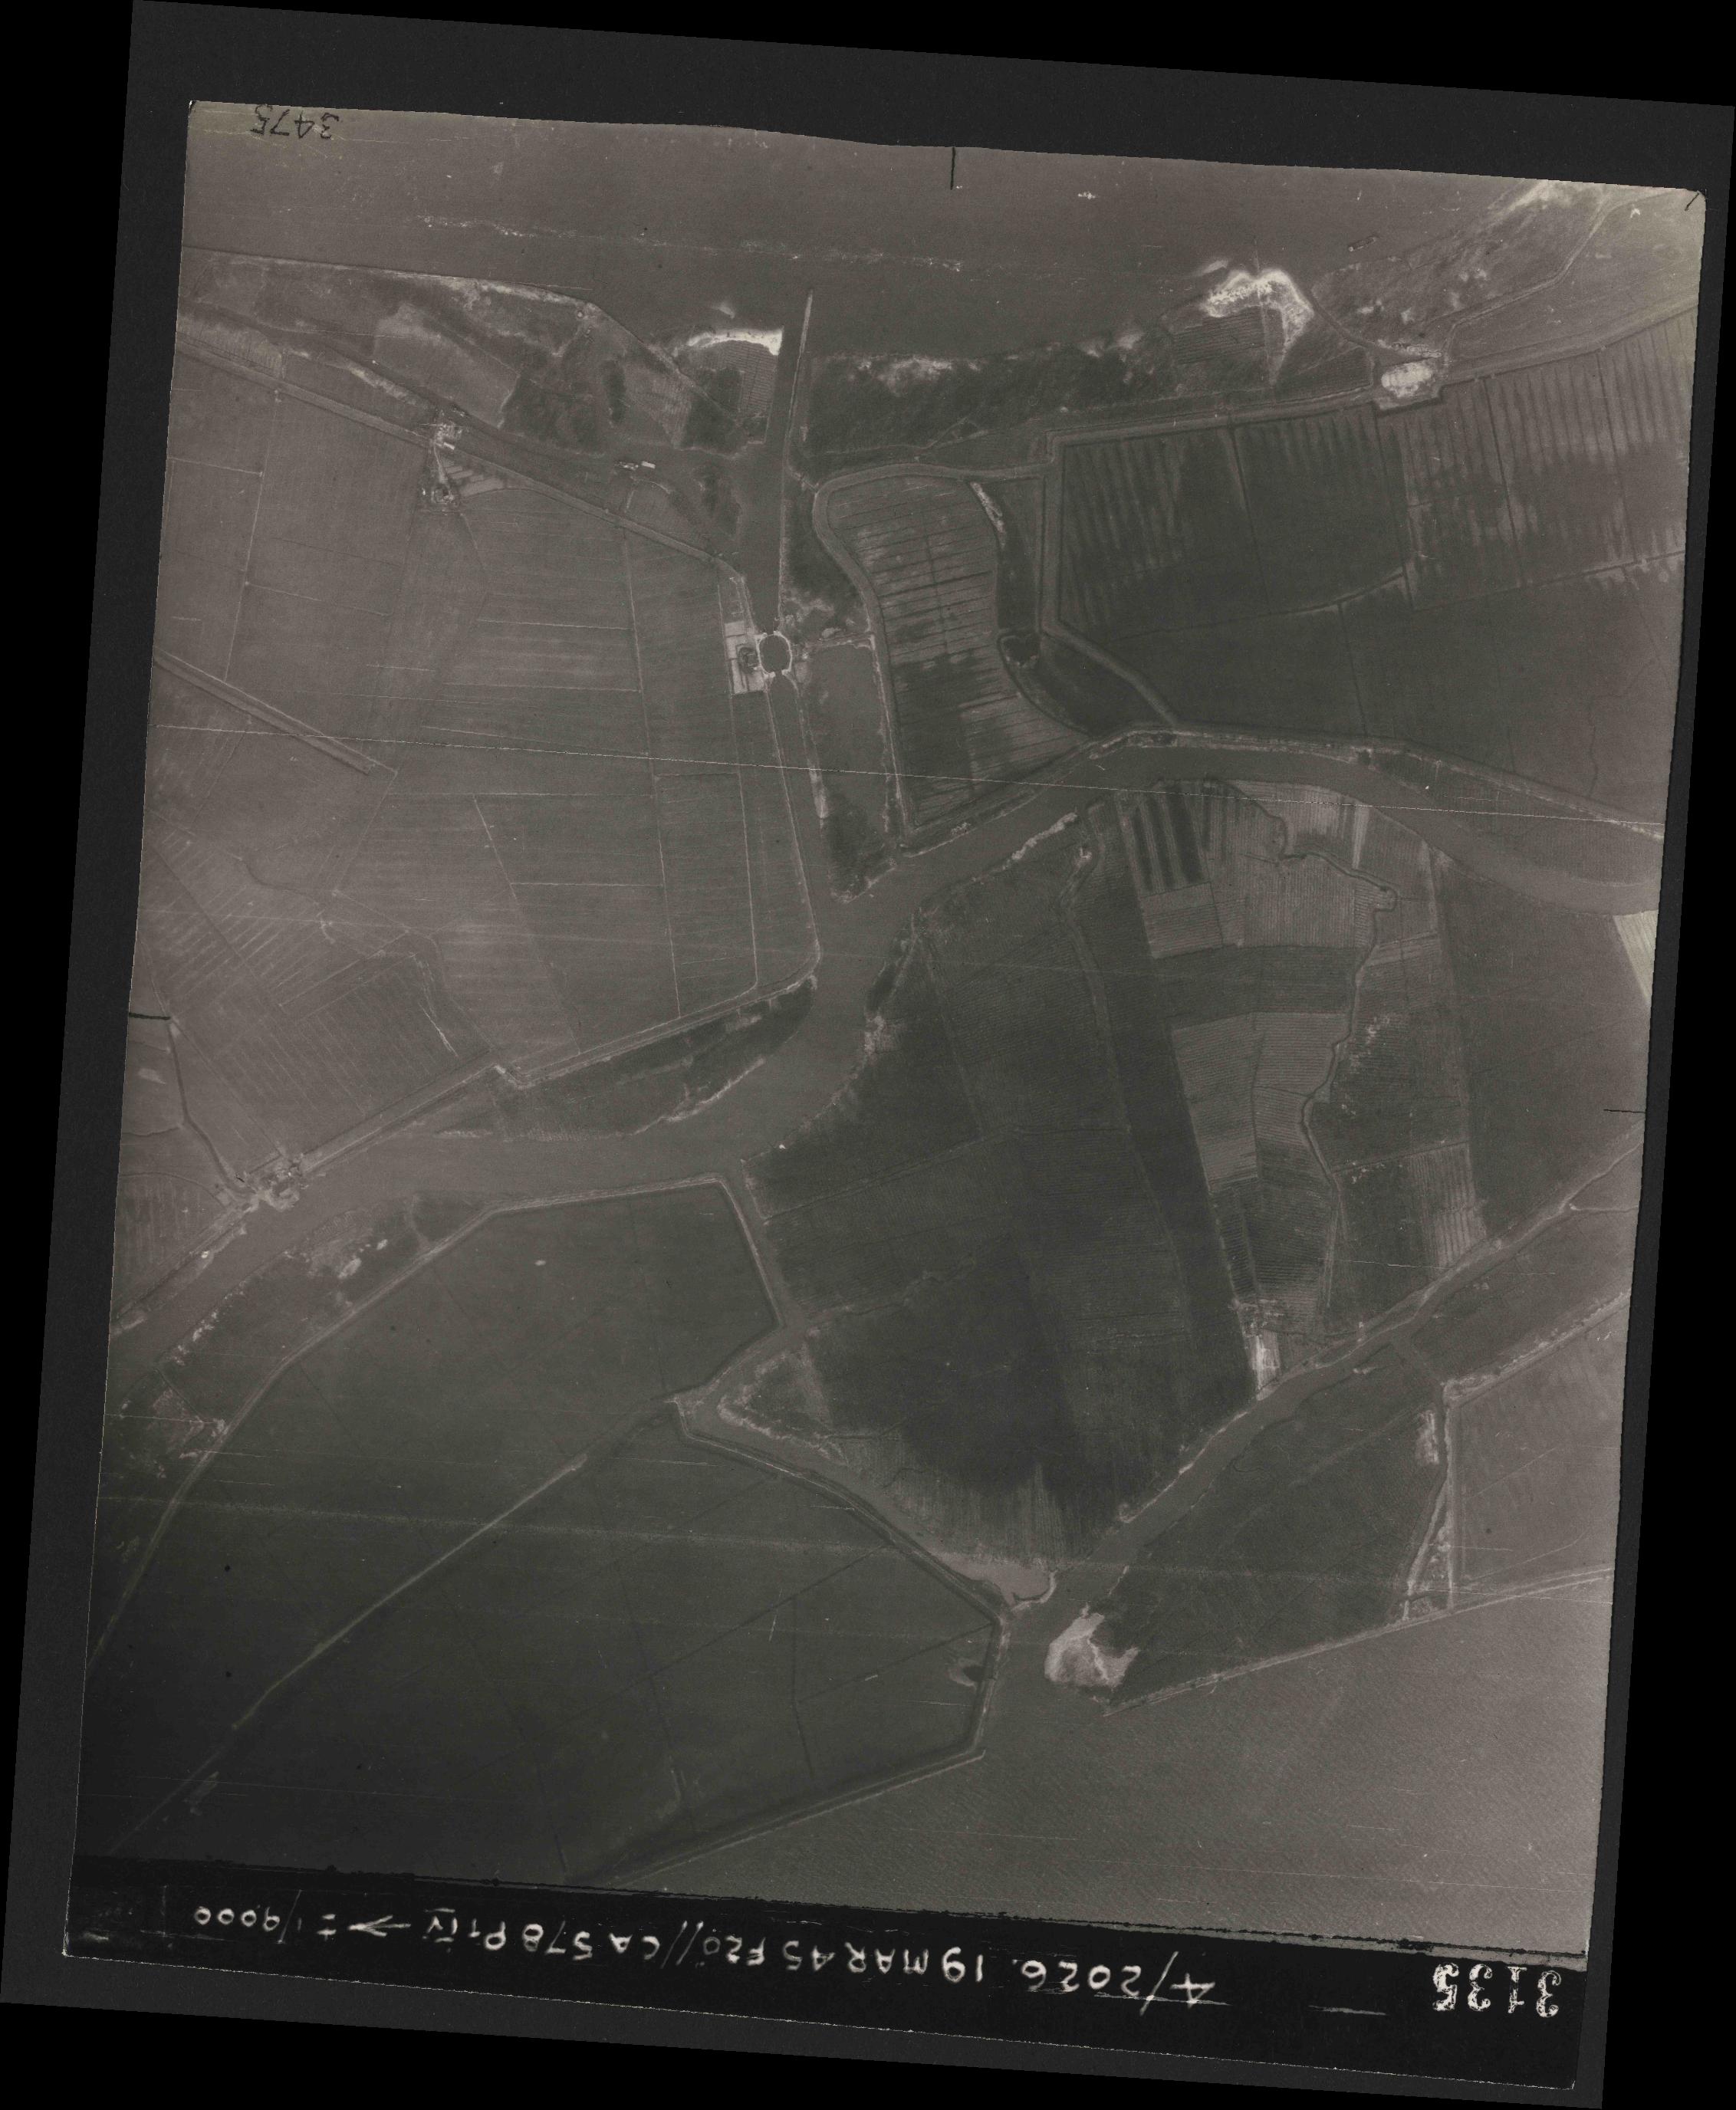 Collection RAF aerial photos 1940-1945 - flight 012, run 07, photo 3135